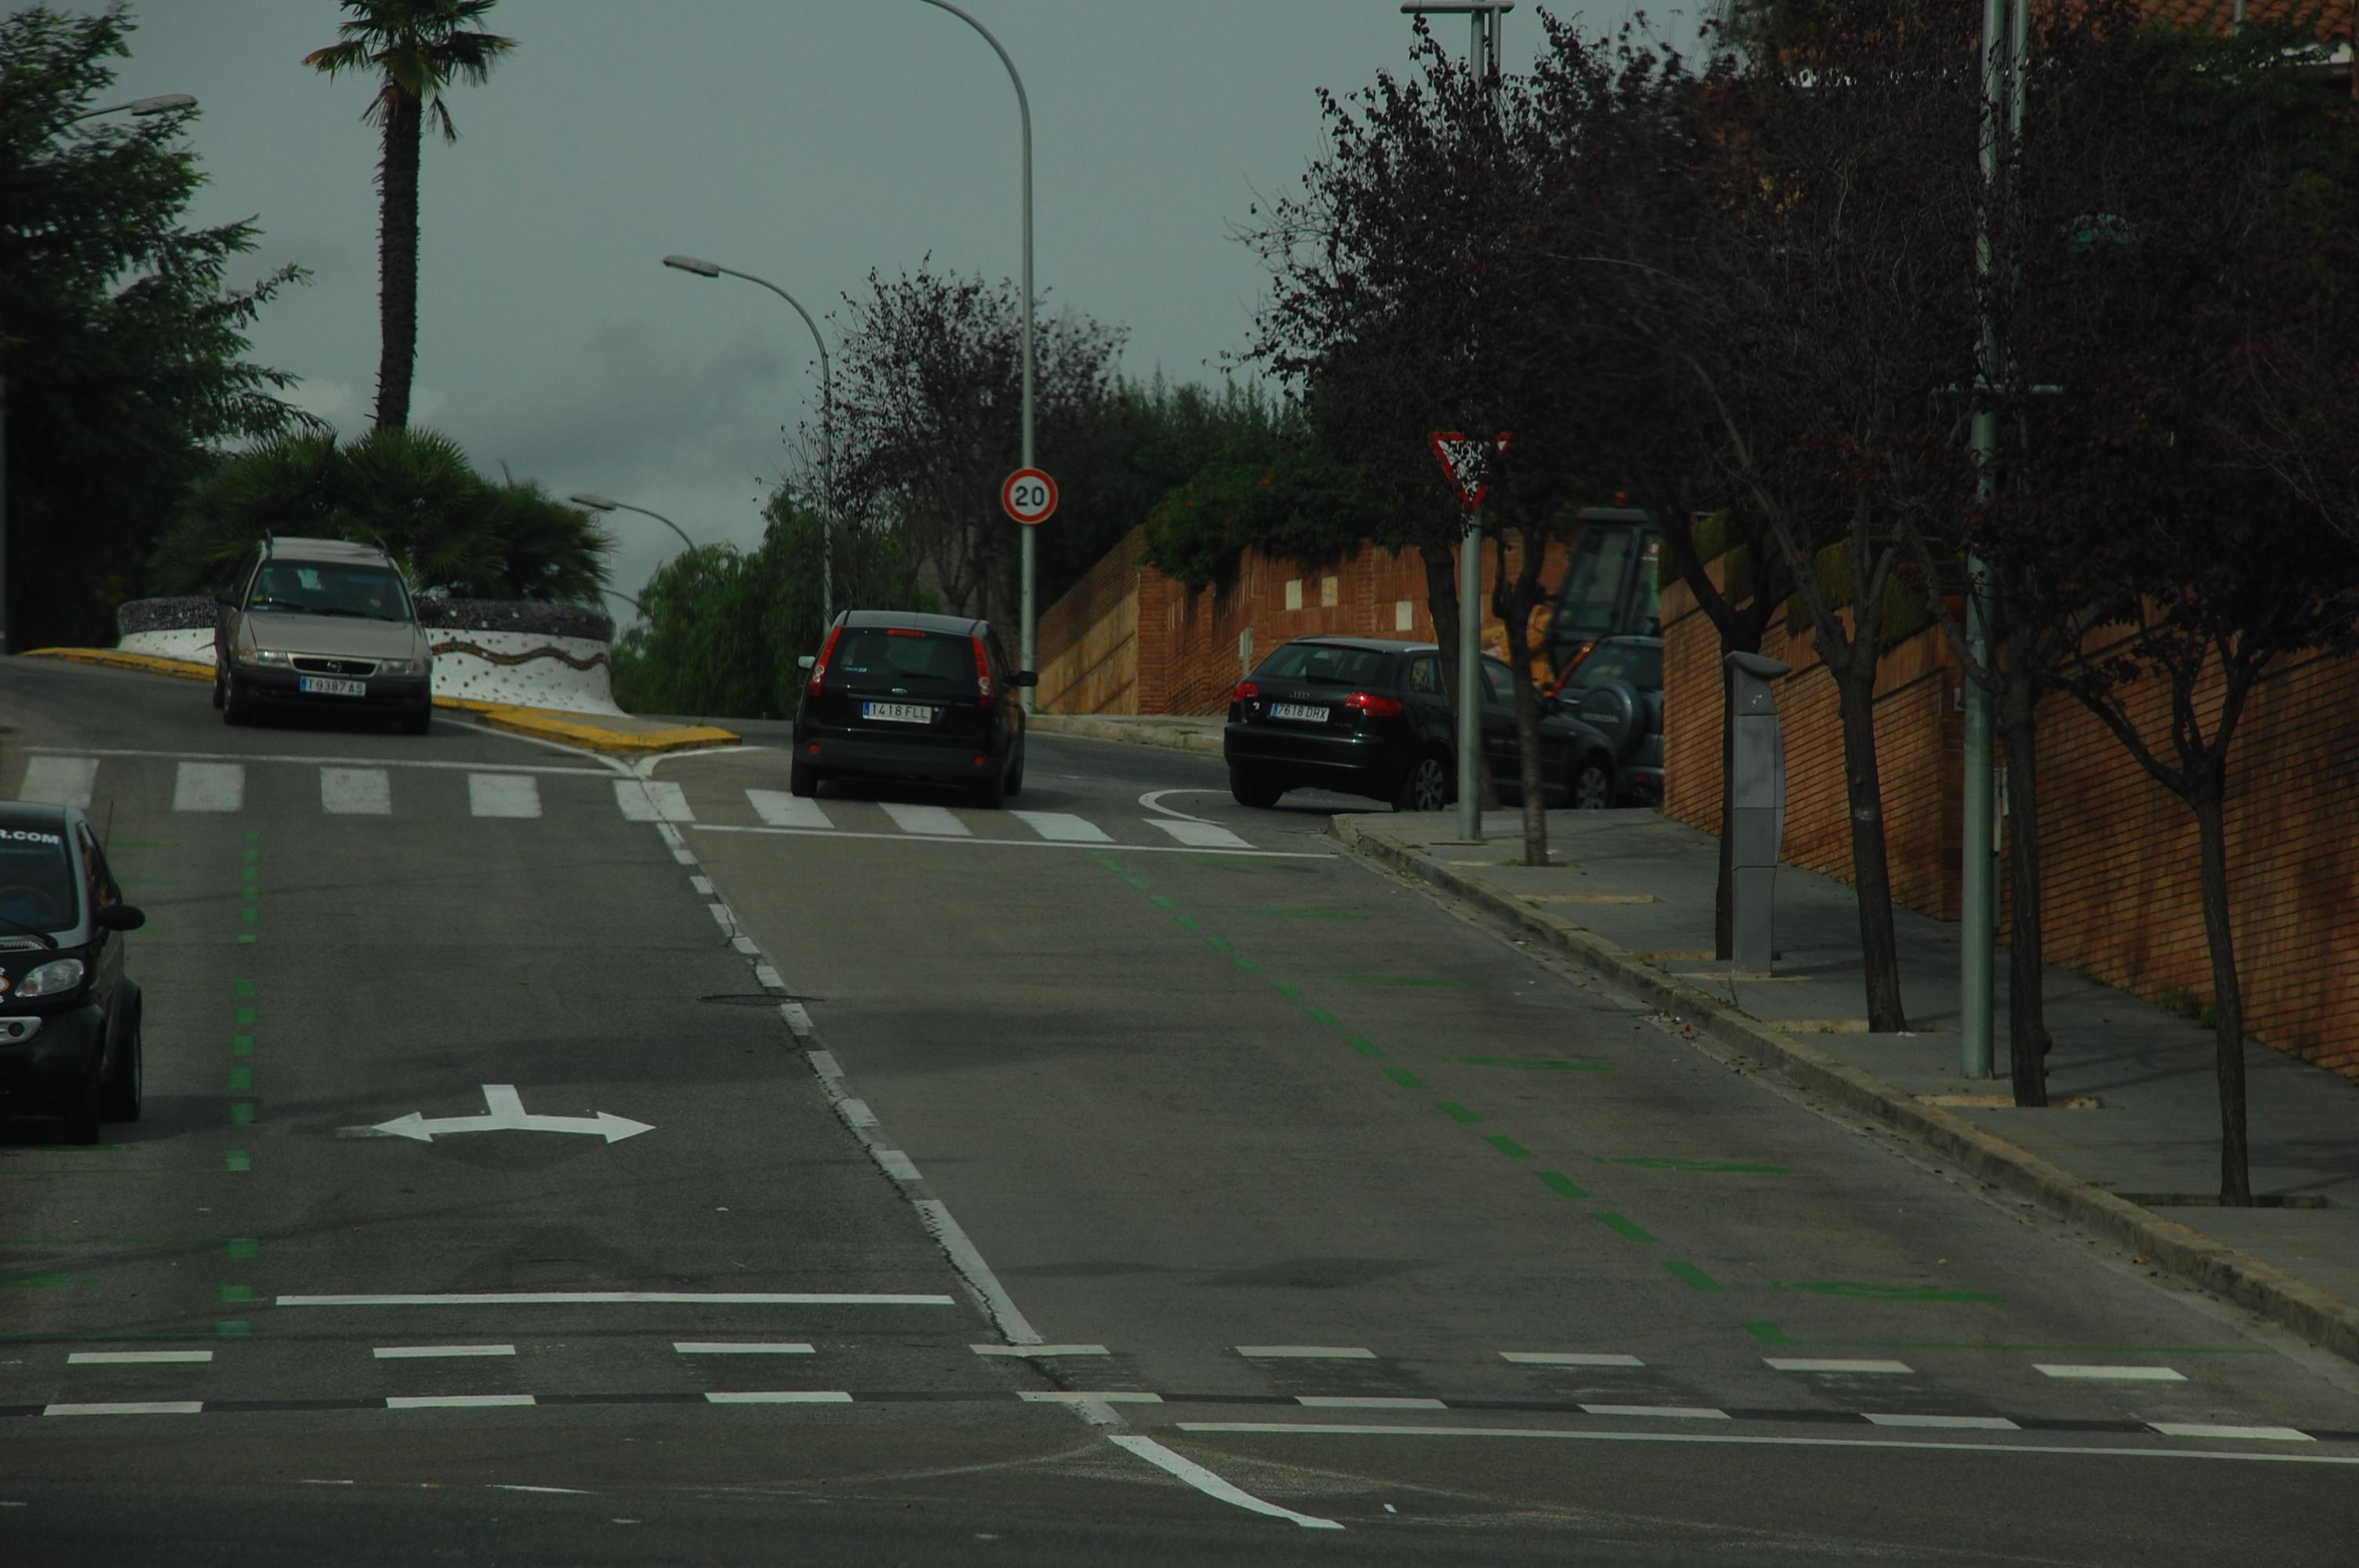 Aquest carrer, del barri dels Músics, es va pintar primer de color verd, i ara s'ha transformat en zona taronja